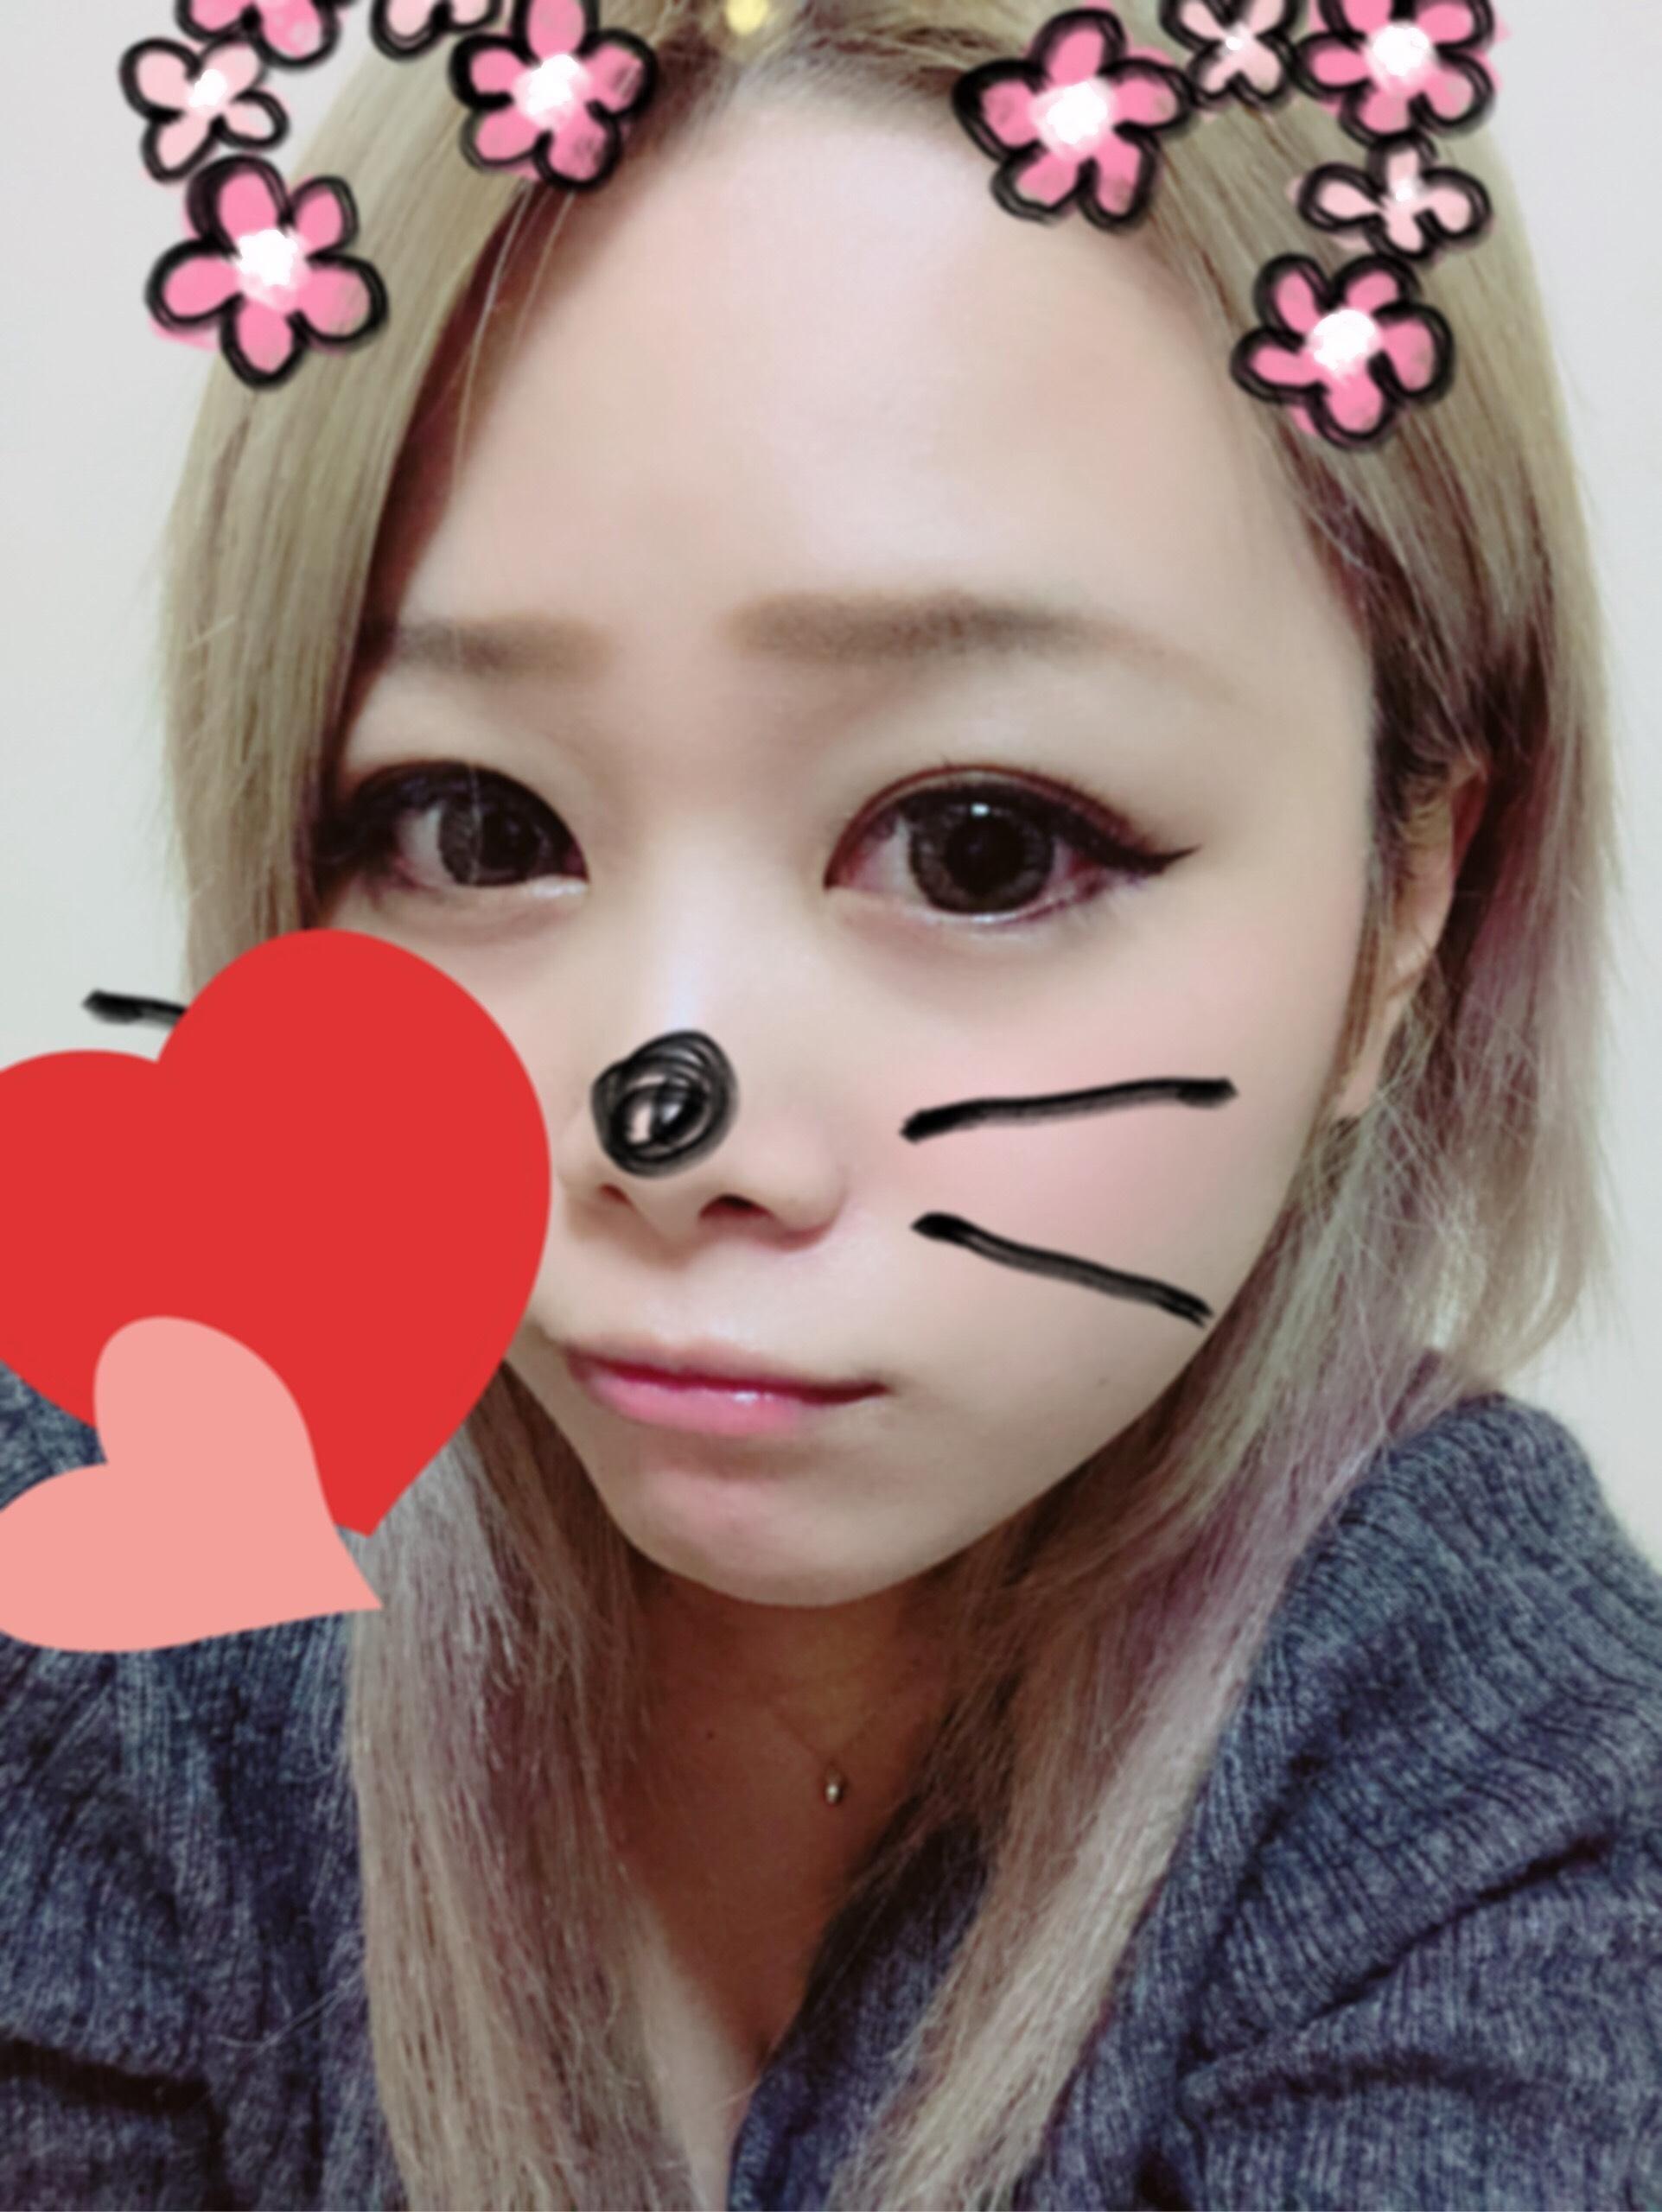 「ありがとう♪♪」12/03(月) 00:33 | ゆな※リピ率No1の美少女の写メ・風俗動画